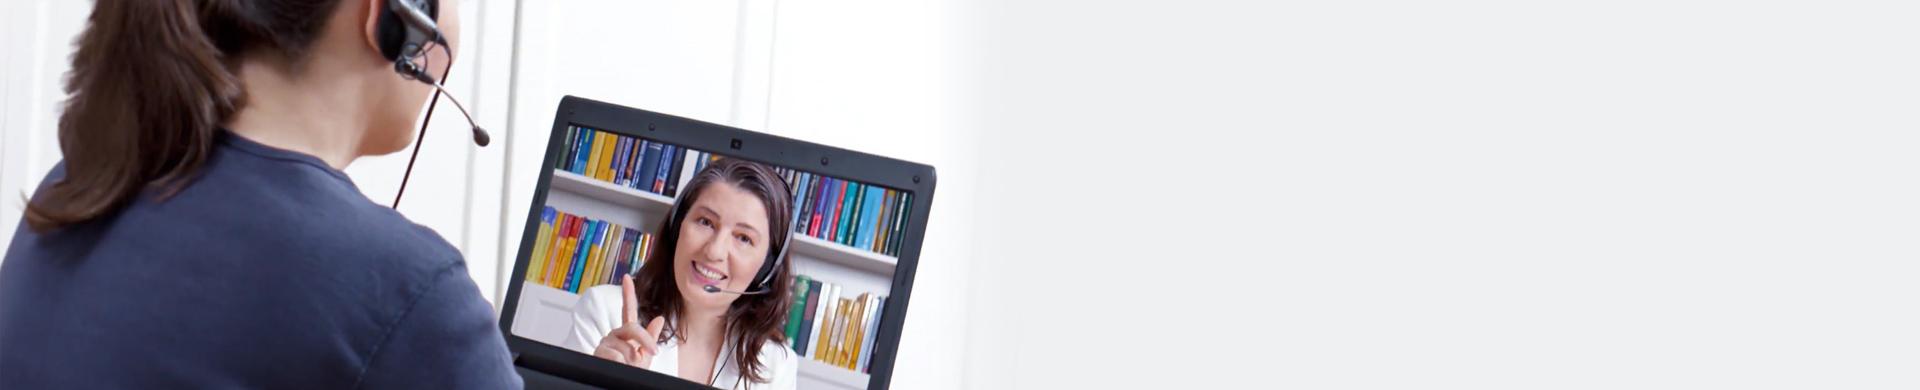 ייעוץ אקדמי תואר שני בחינוך: טכנולוגיות ומערכות למידה